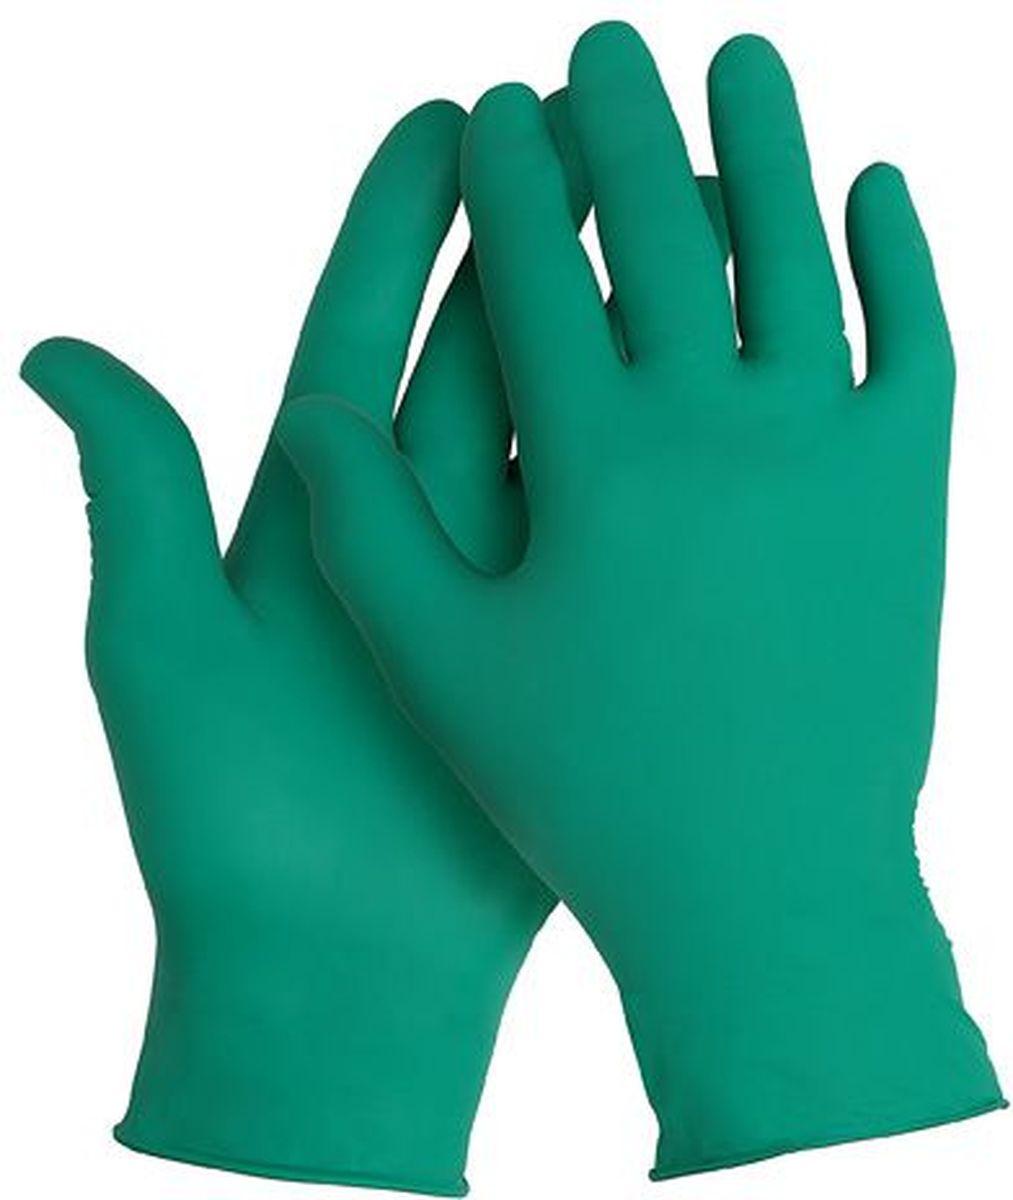 Перчатки хозяйственные Kleenguard G20, размер 8 (M), цвет: зеленый, 1250 шт90092Ассортимент перчаток для защиты рук от химических веществ и механических воздействий – повышают безопасность работ и сокращают затраты. Идеальное решение, обеспечивающее защиту уровня СИЗ категории III (CE Complex) от брызг химических веществ в медицине, полиграфии, сельском хозяйстве, на участках сборки и окраски автомобилей, при выполнении аварийных работ, сборе мусора, химических разливов и утилизации отходов. Не содержат латекс и присыпок. Прочные и эргономичные перчатки с высокой тактильной чувствительностью. Могут быть использованы в пищевой промышленности или HoReCa.Формат поставки: сверхтонкие перчатки с универсальным дизайном для обеих рук; не содержат присыпку и латекс; усиленная манжета для дополнительной прочности, рельефная поверхность пальцев для лучшего захвата; широкий ассортимент размеров – от XS до XL – обеспечивает комфортное ношение.Размеры:90090 - XS (6)90091 - S (7)90092 - M (8)90093 - L (9)